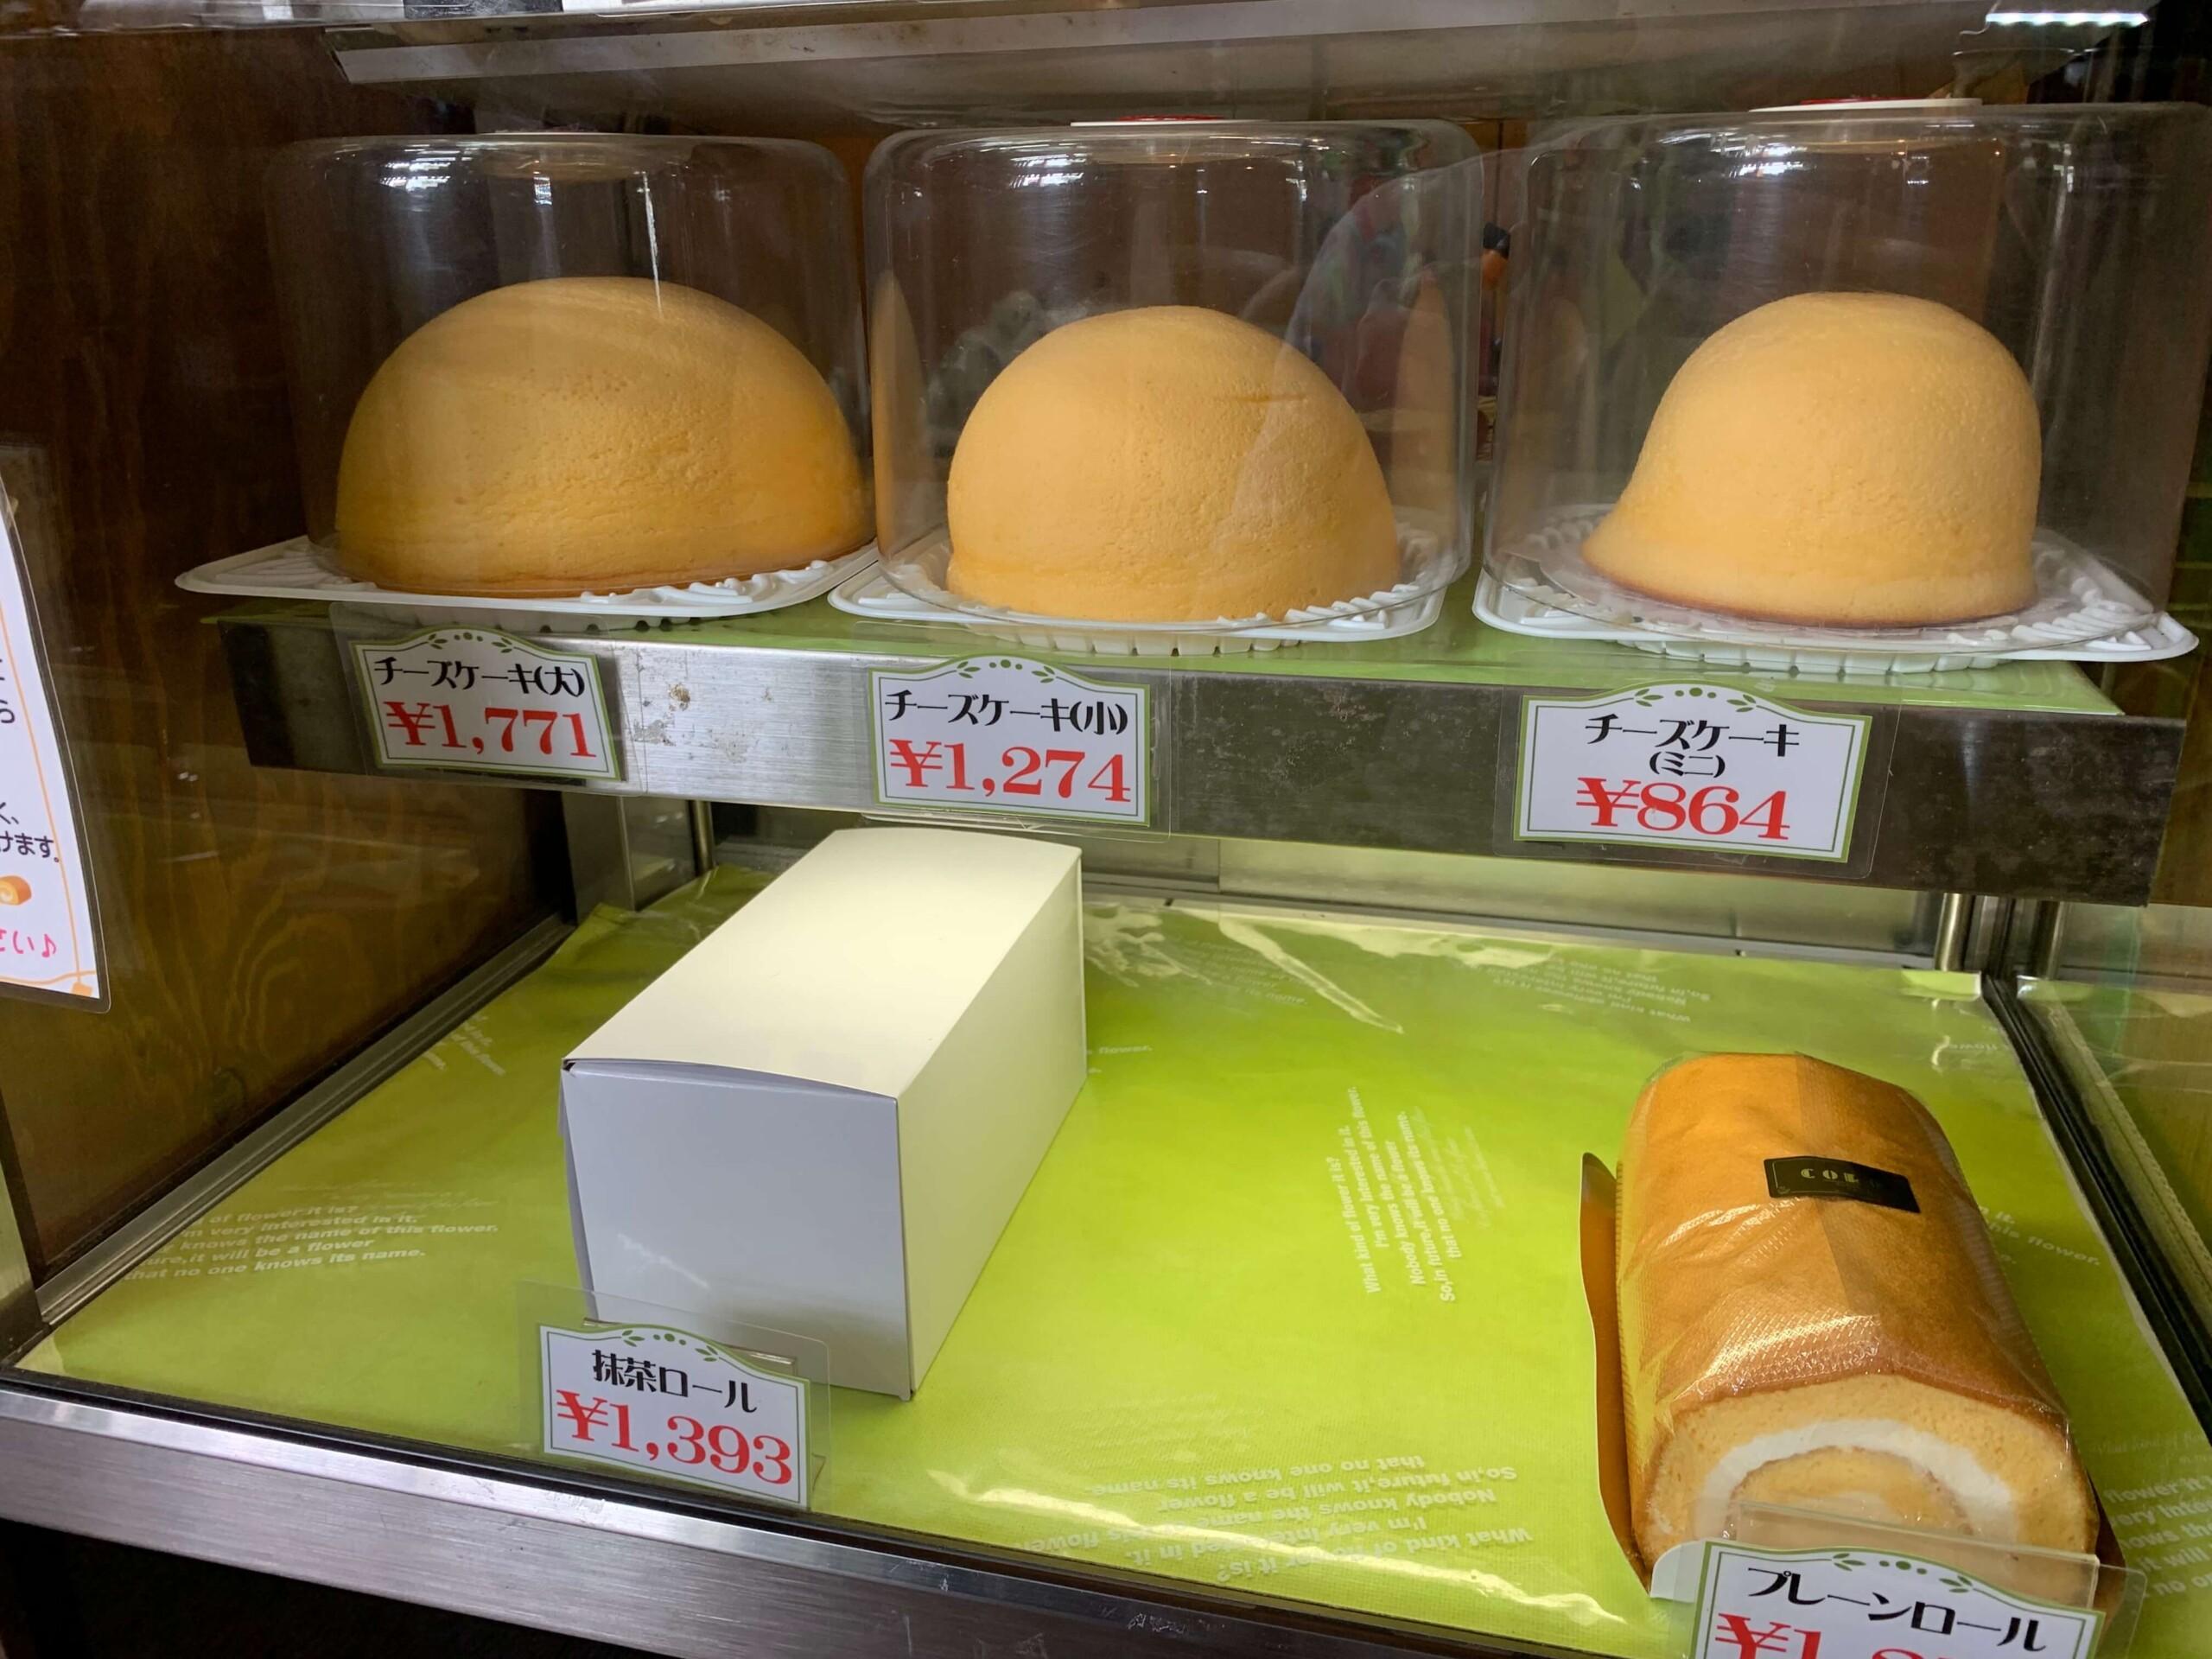 福山コーヒーショップCOROチーズケーキ